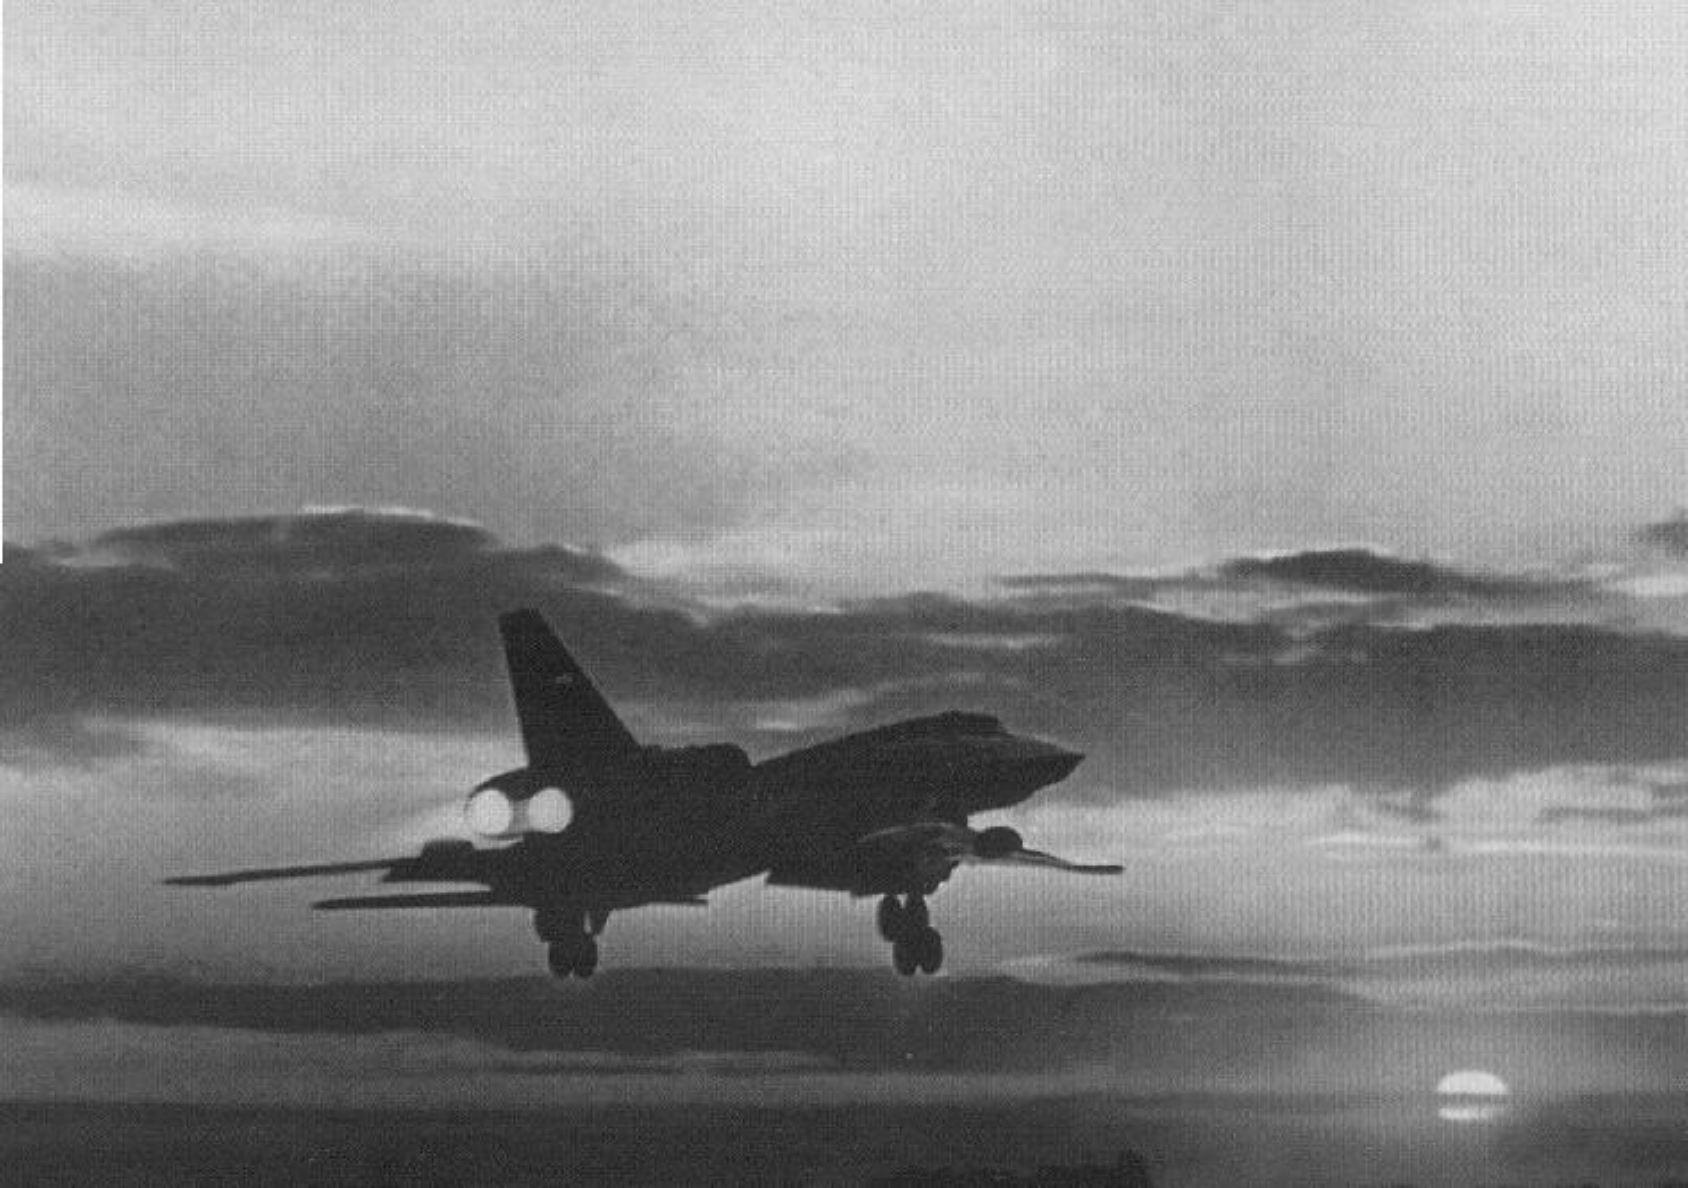 قاذفة القنابل tu-22 Blinder_08